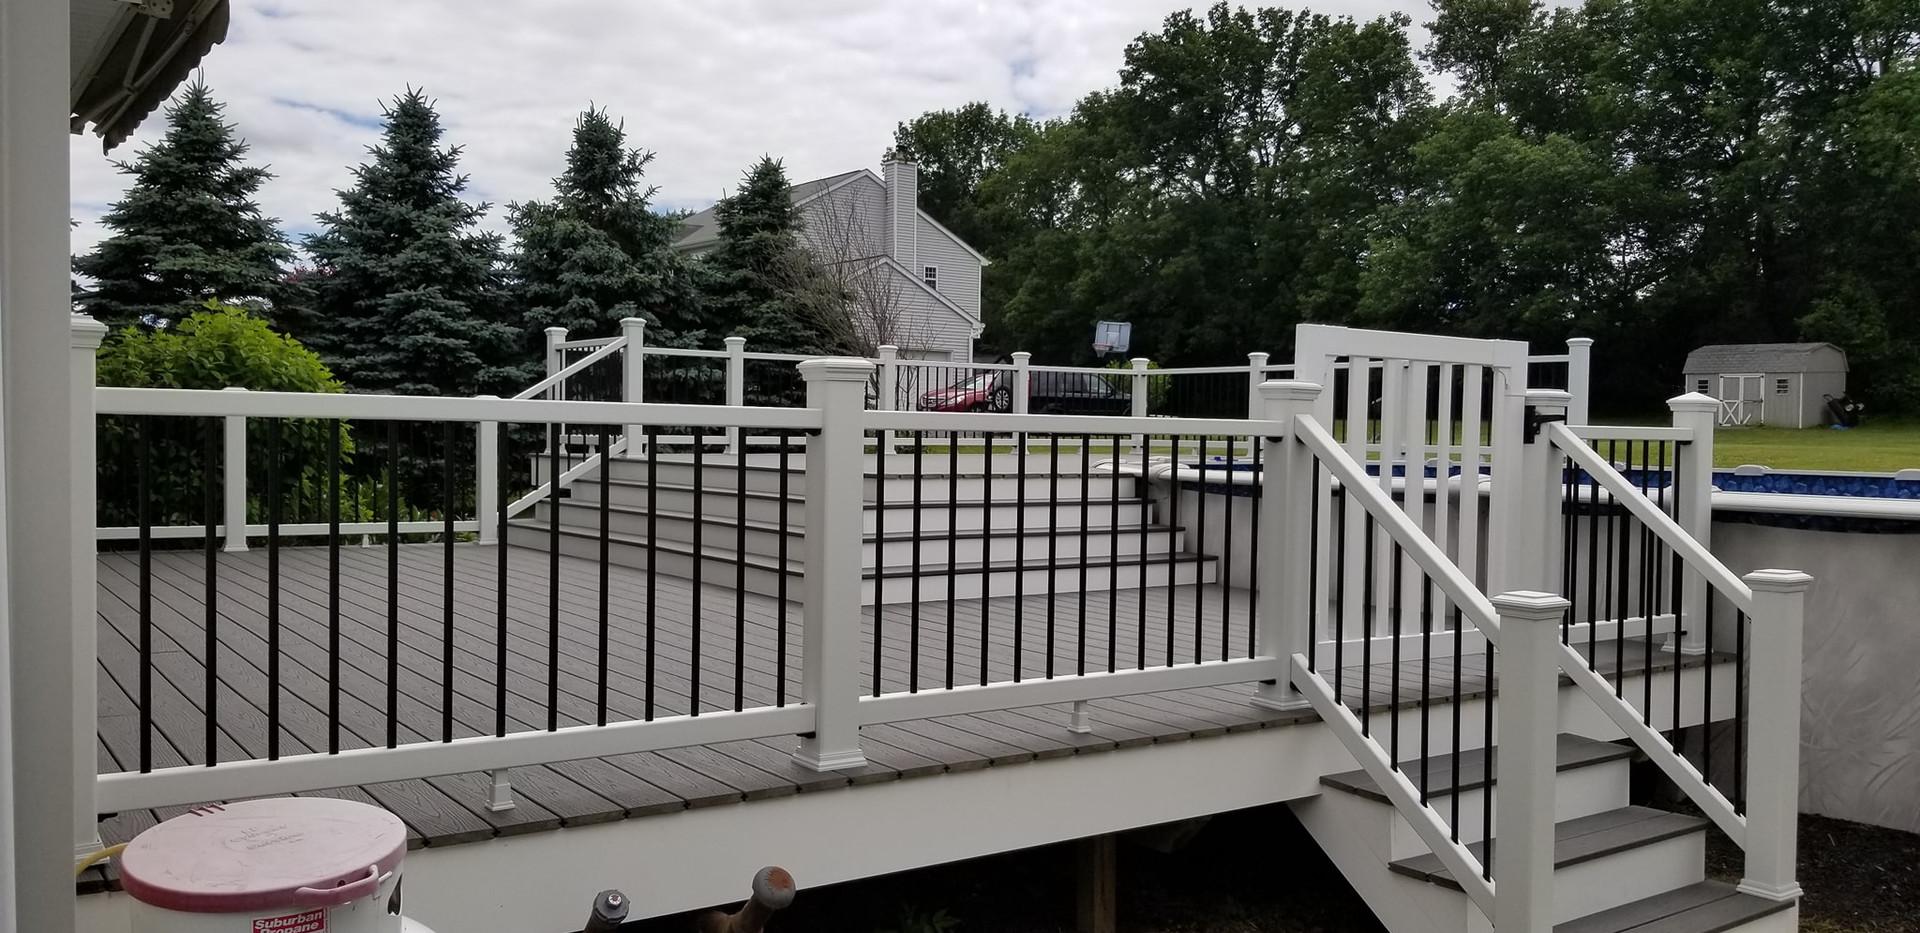 New-Deck-Construction-1.jpg